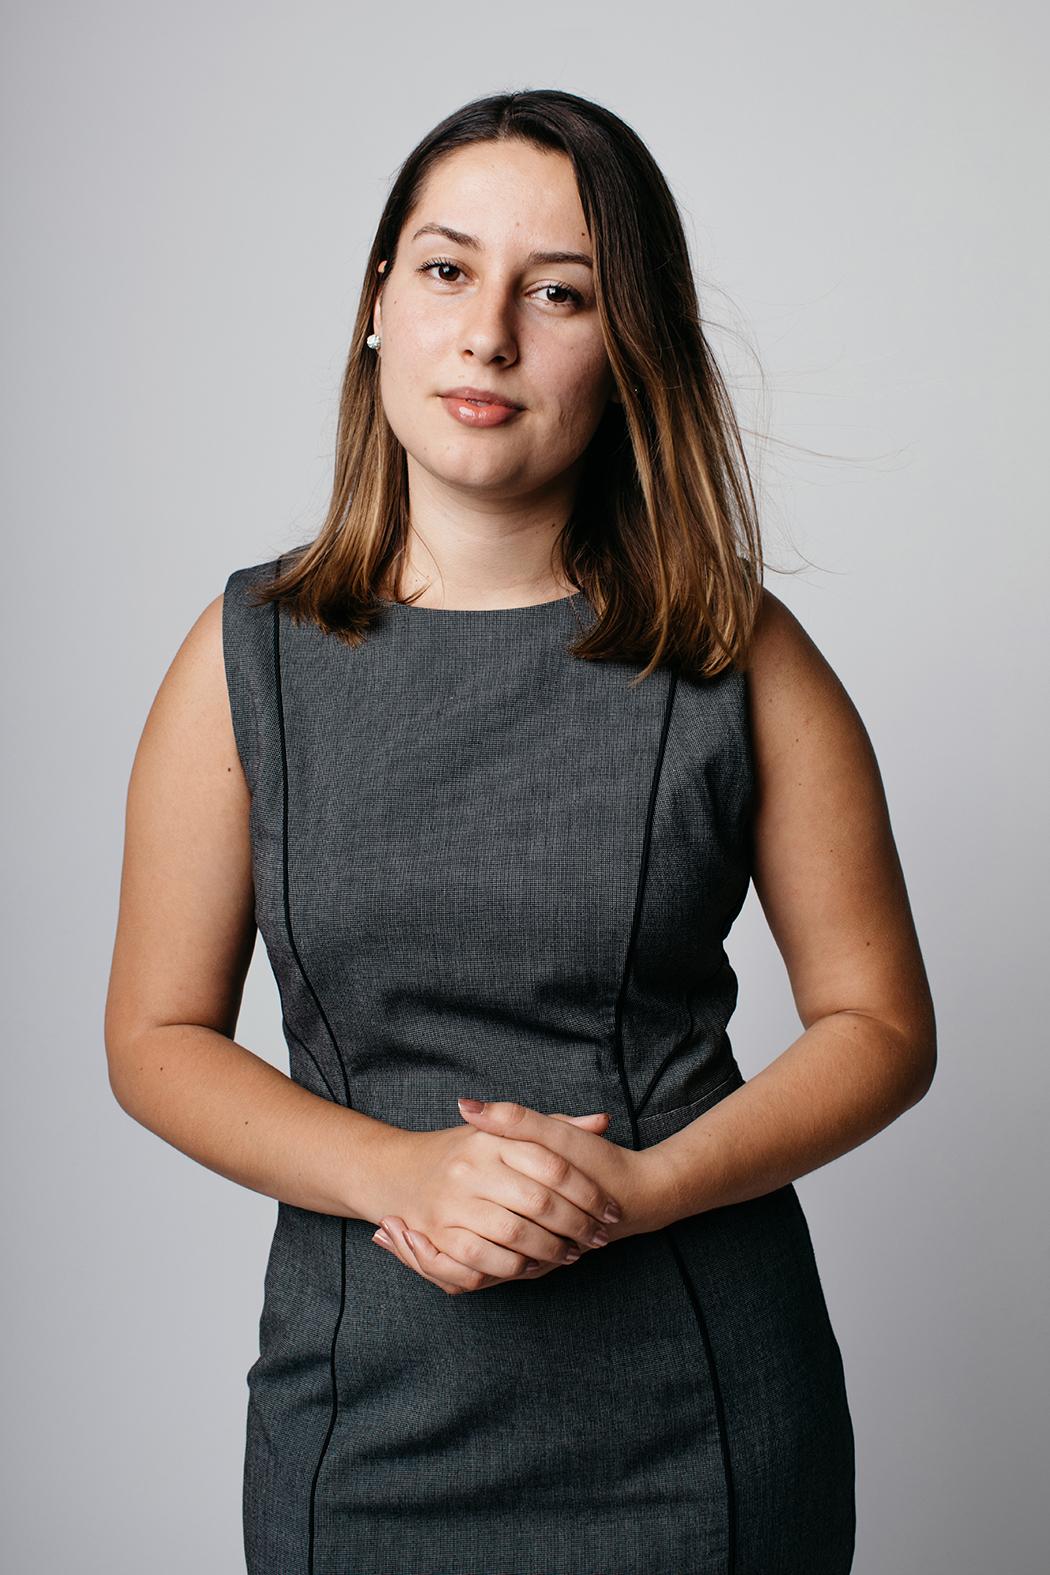 Eglantina Haxhillari